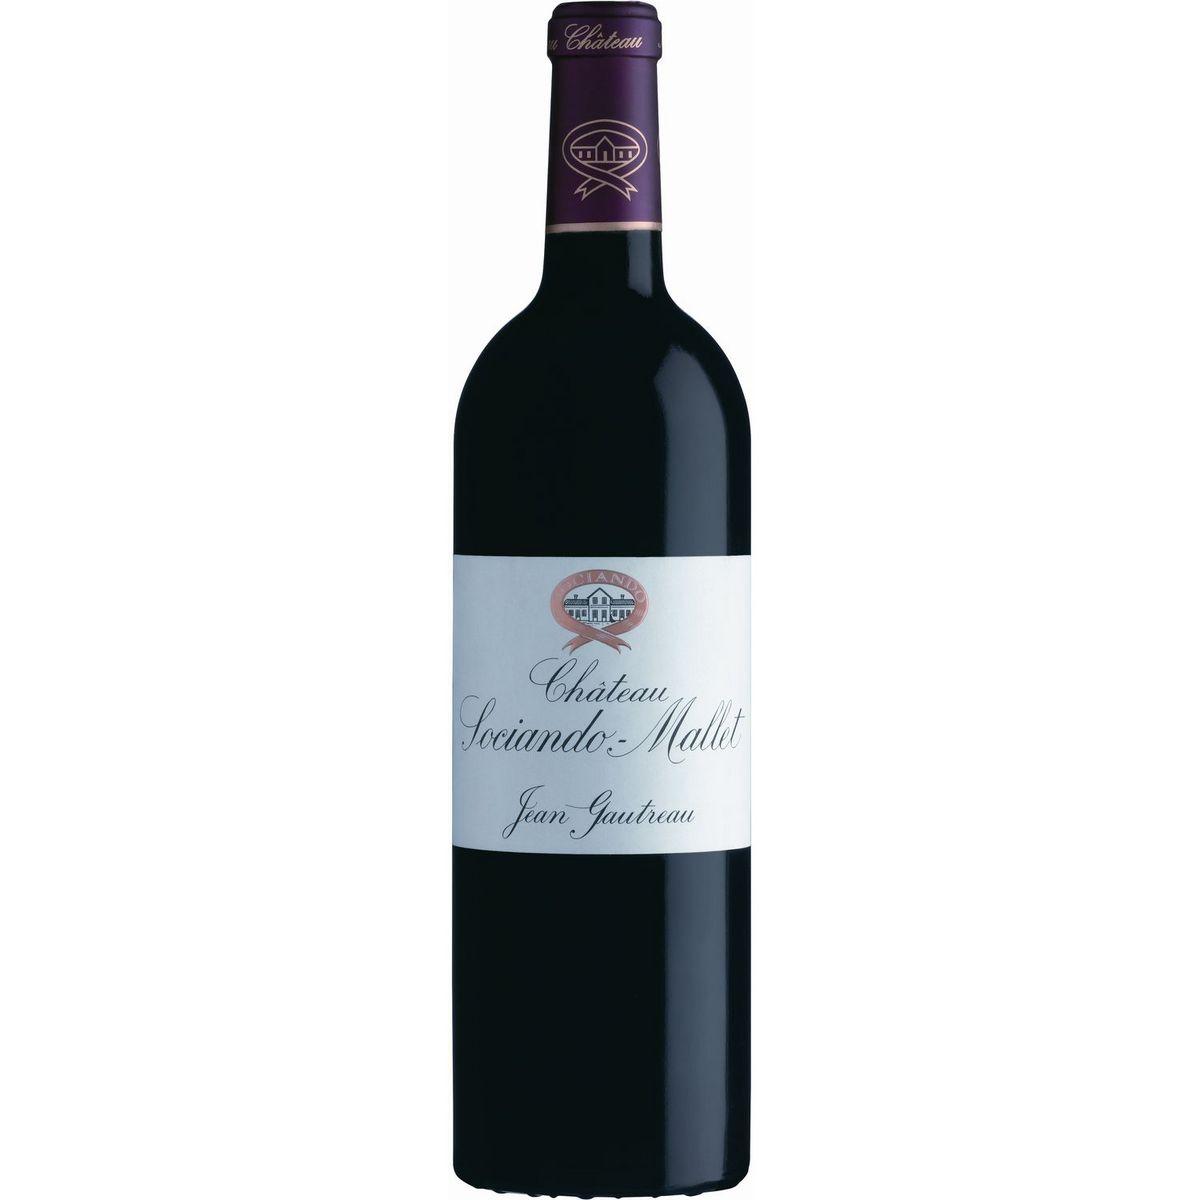 AOP Haut-Médoc Château Sociando-Mallet rouge